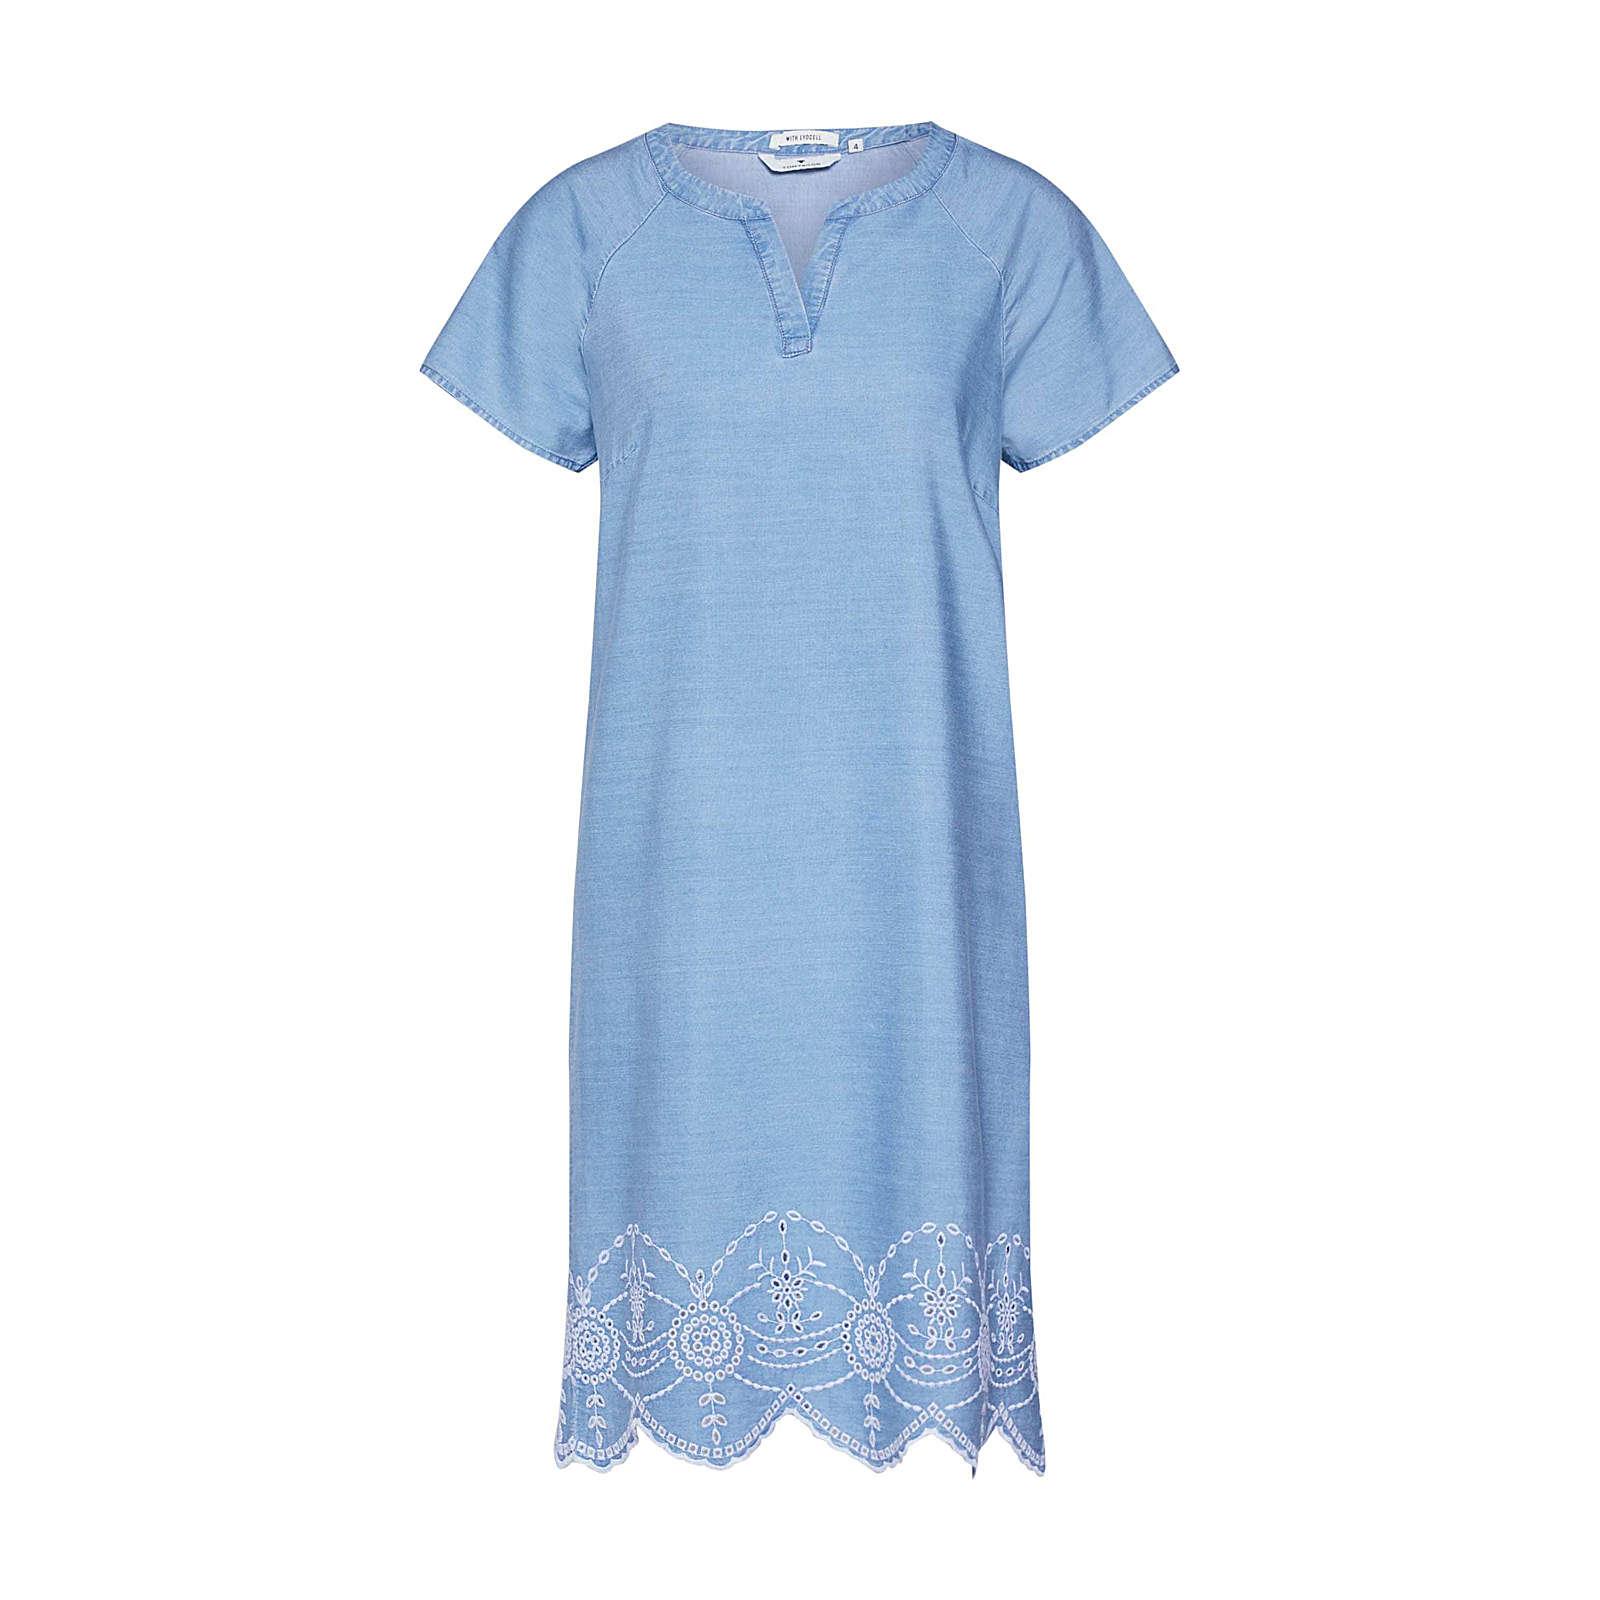 TOM TAILOR Kleid Jeanskleider blue denim Damen Gr. 44